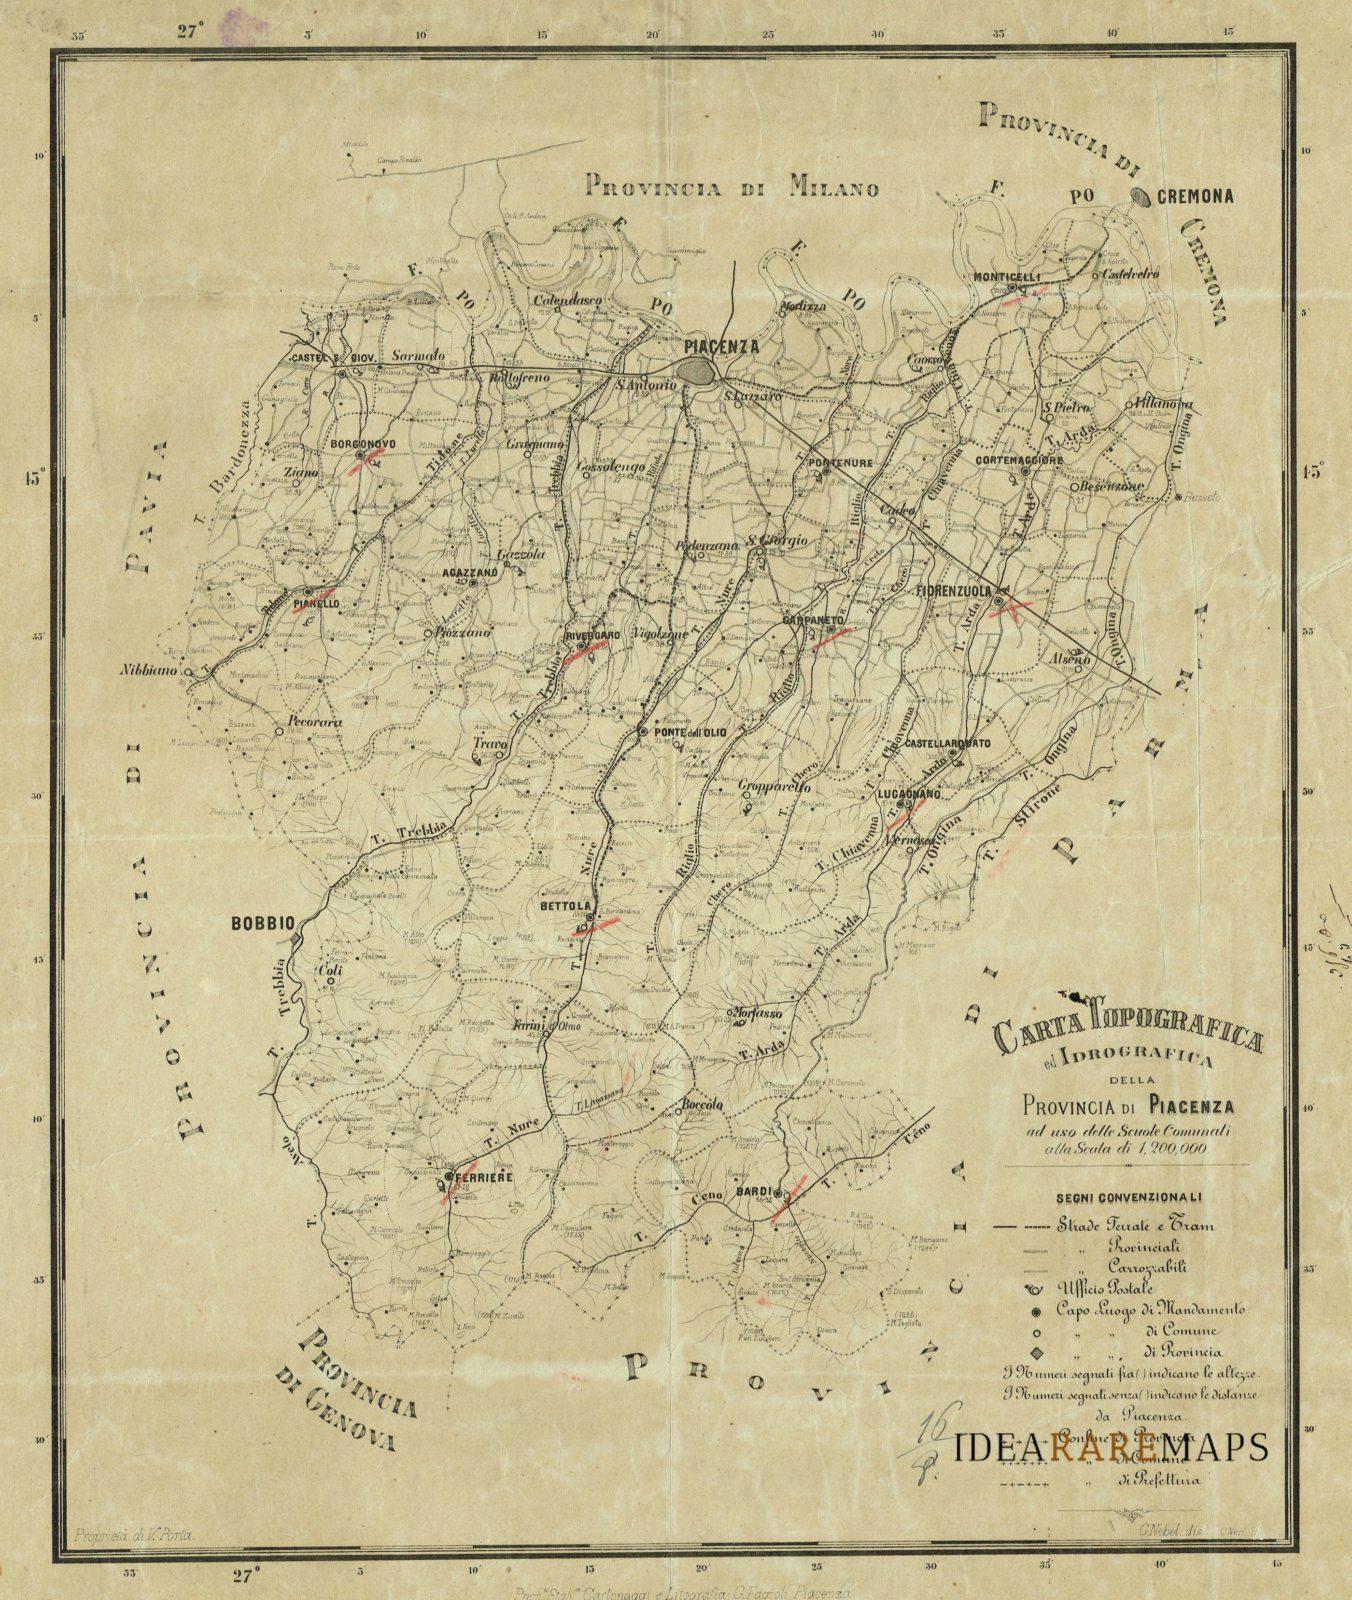 Cartina Militare Piemonte.Carta Topografica Ed Idrografica Della Provincia Di Piacenza Idea Rare Maps